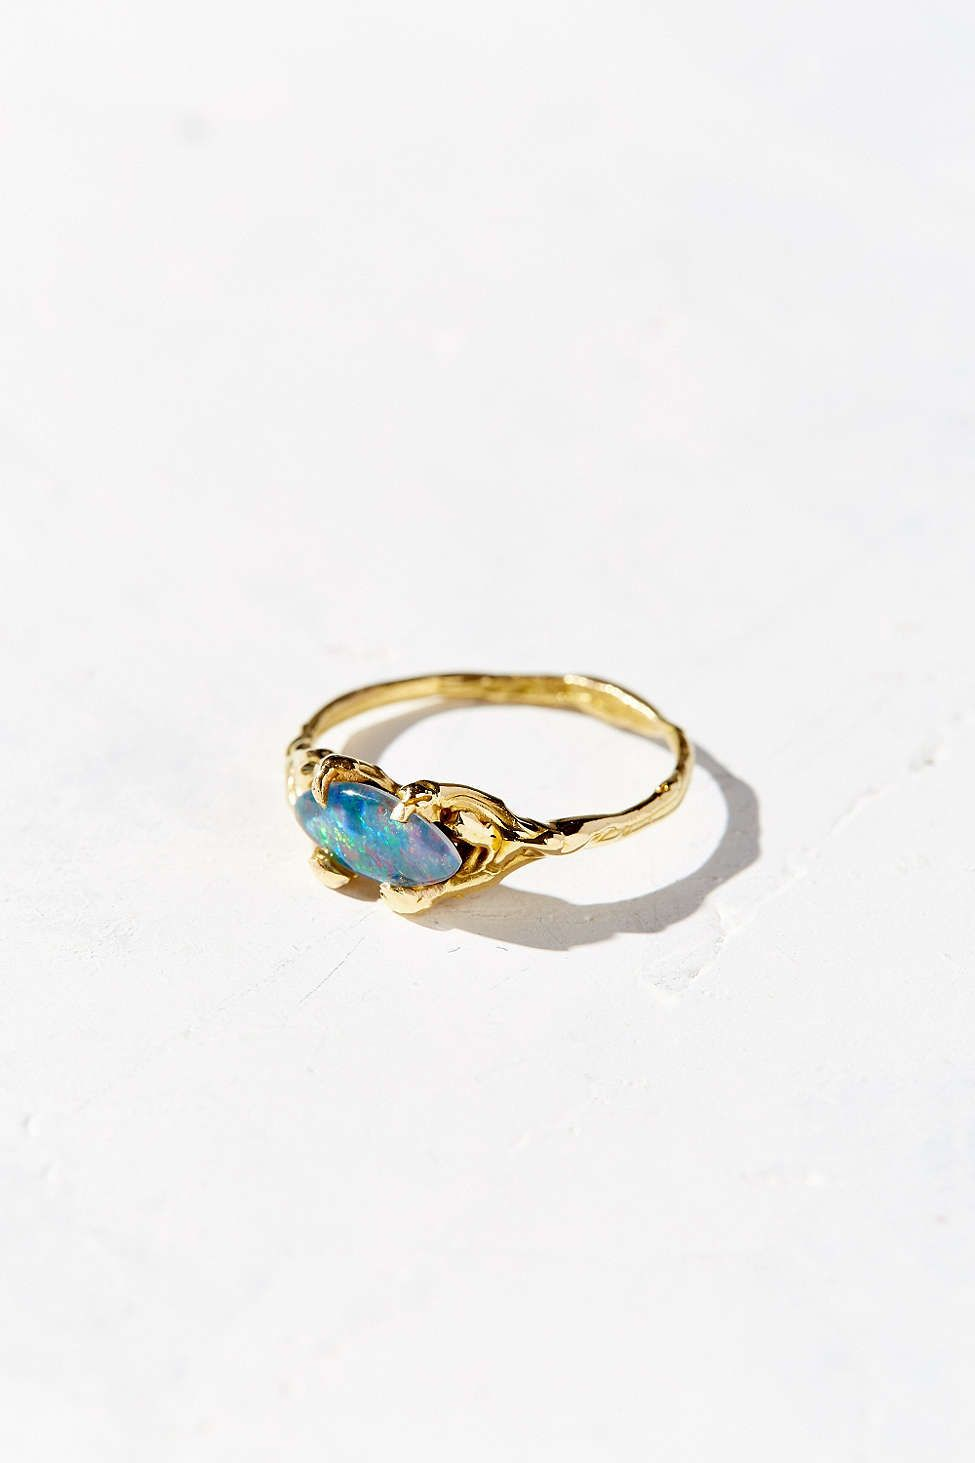 HLSK Drest Australian Opal Ring $185